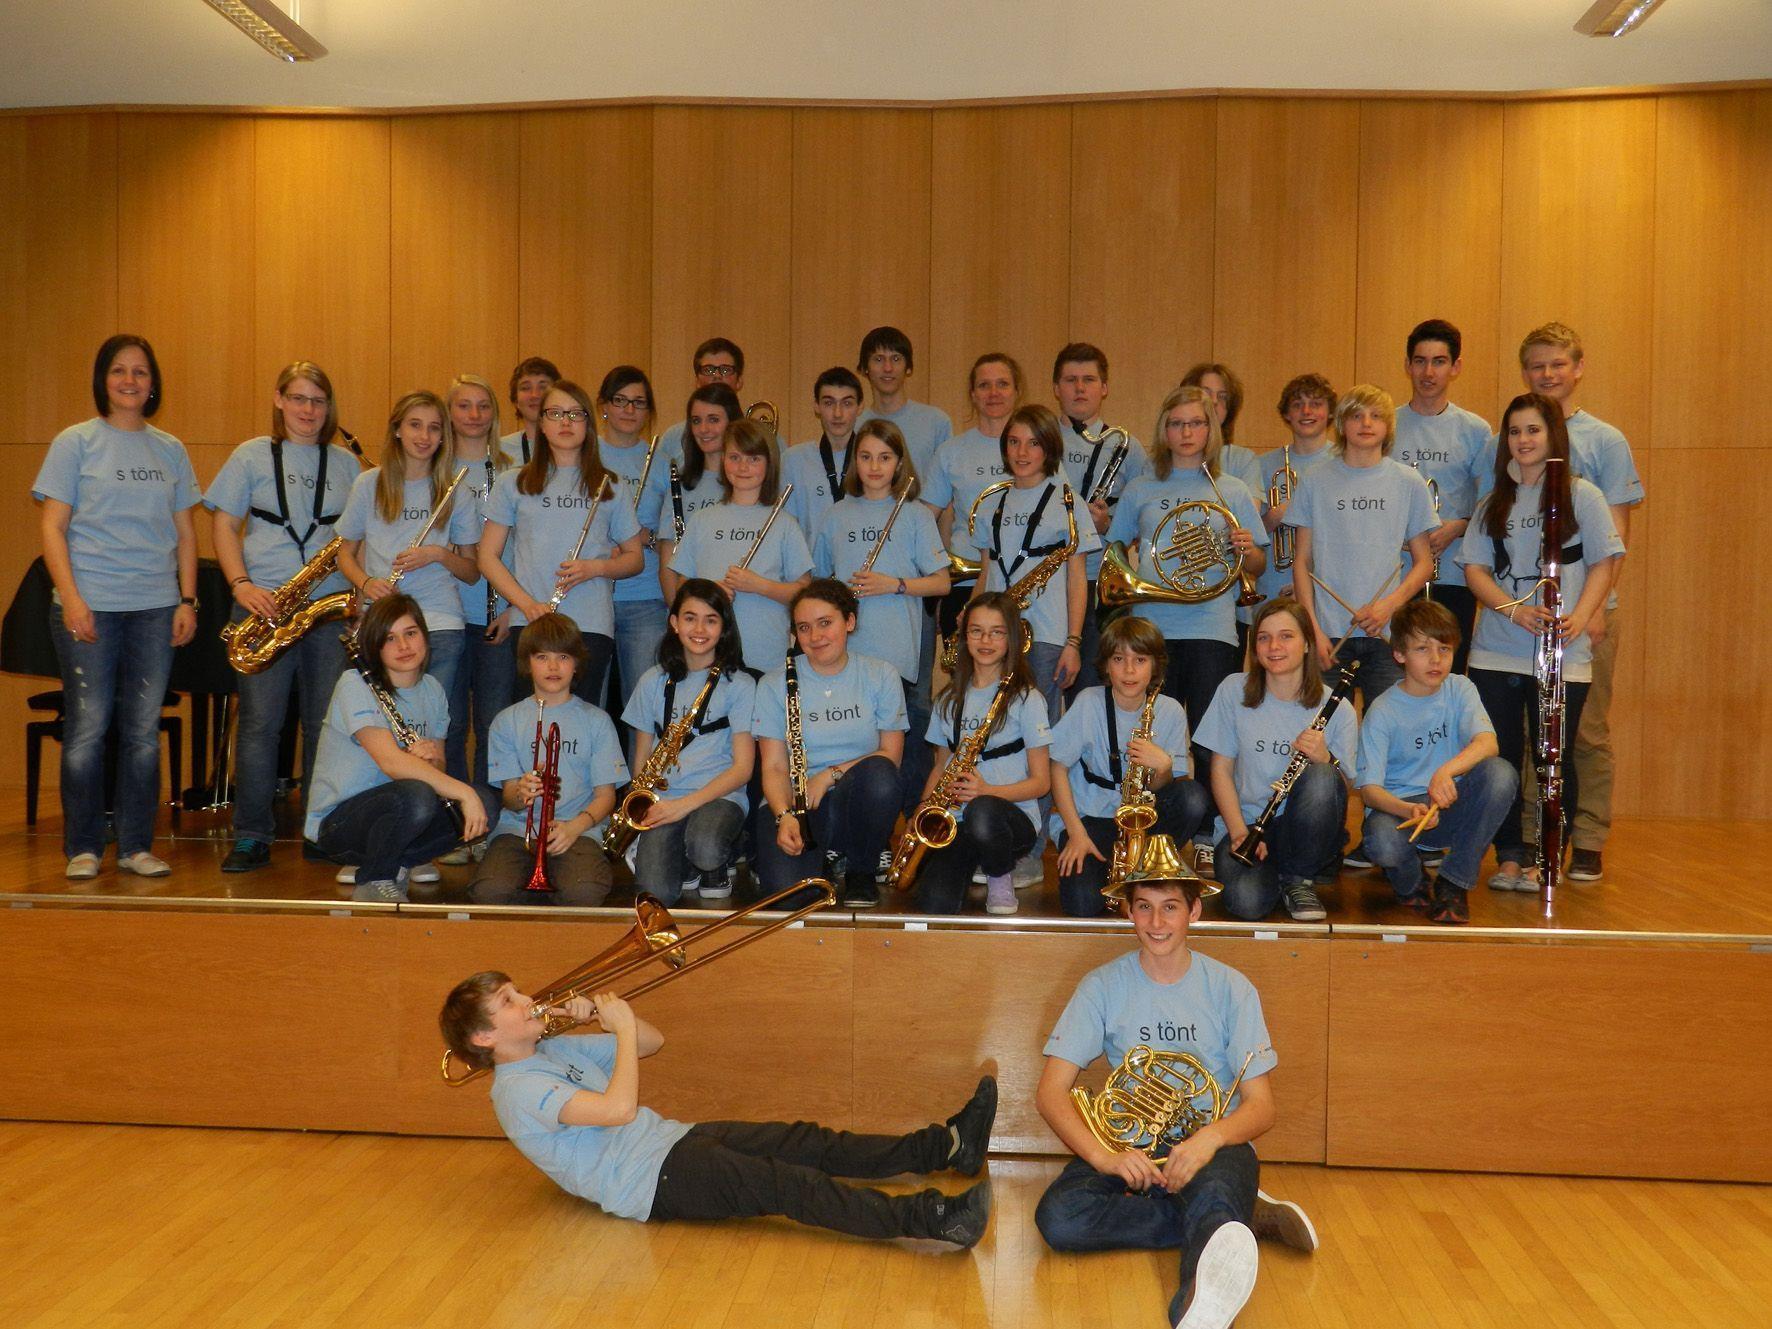 """Das """"Jugendblasorchester """"Tonkraftwerk"""" feiert sein 10-jähriges Bestehen mit einem Jubiläumskonzert."""